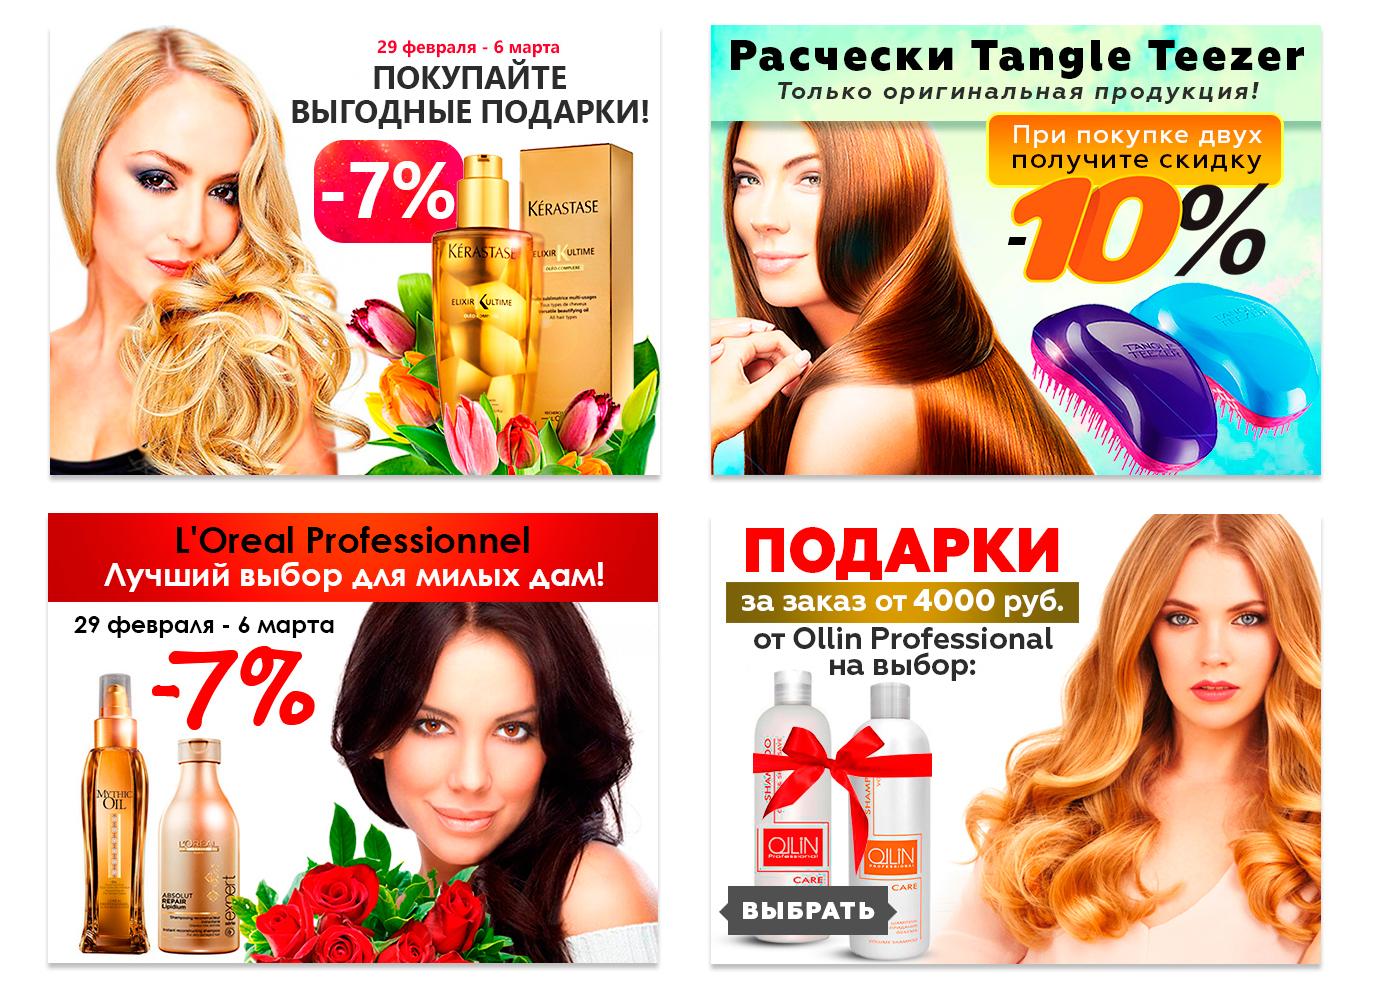 для сайта beautymania.ru_4